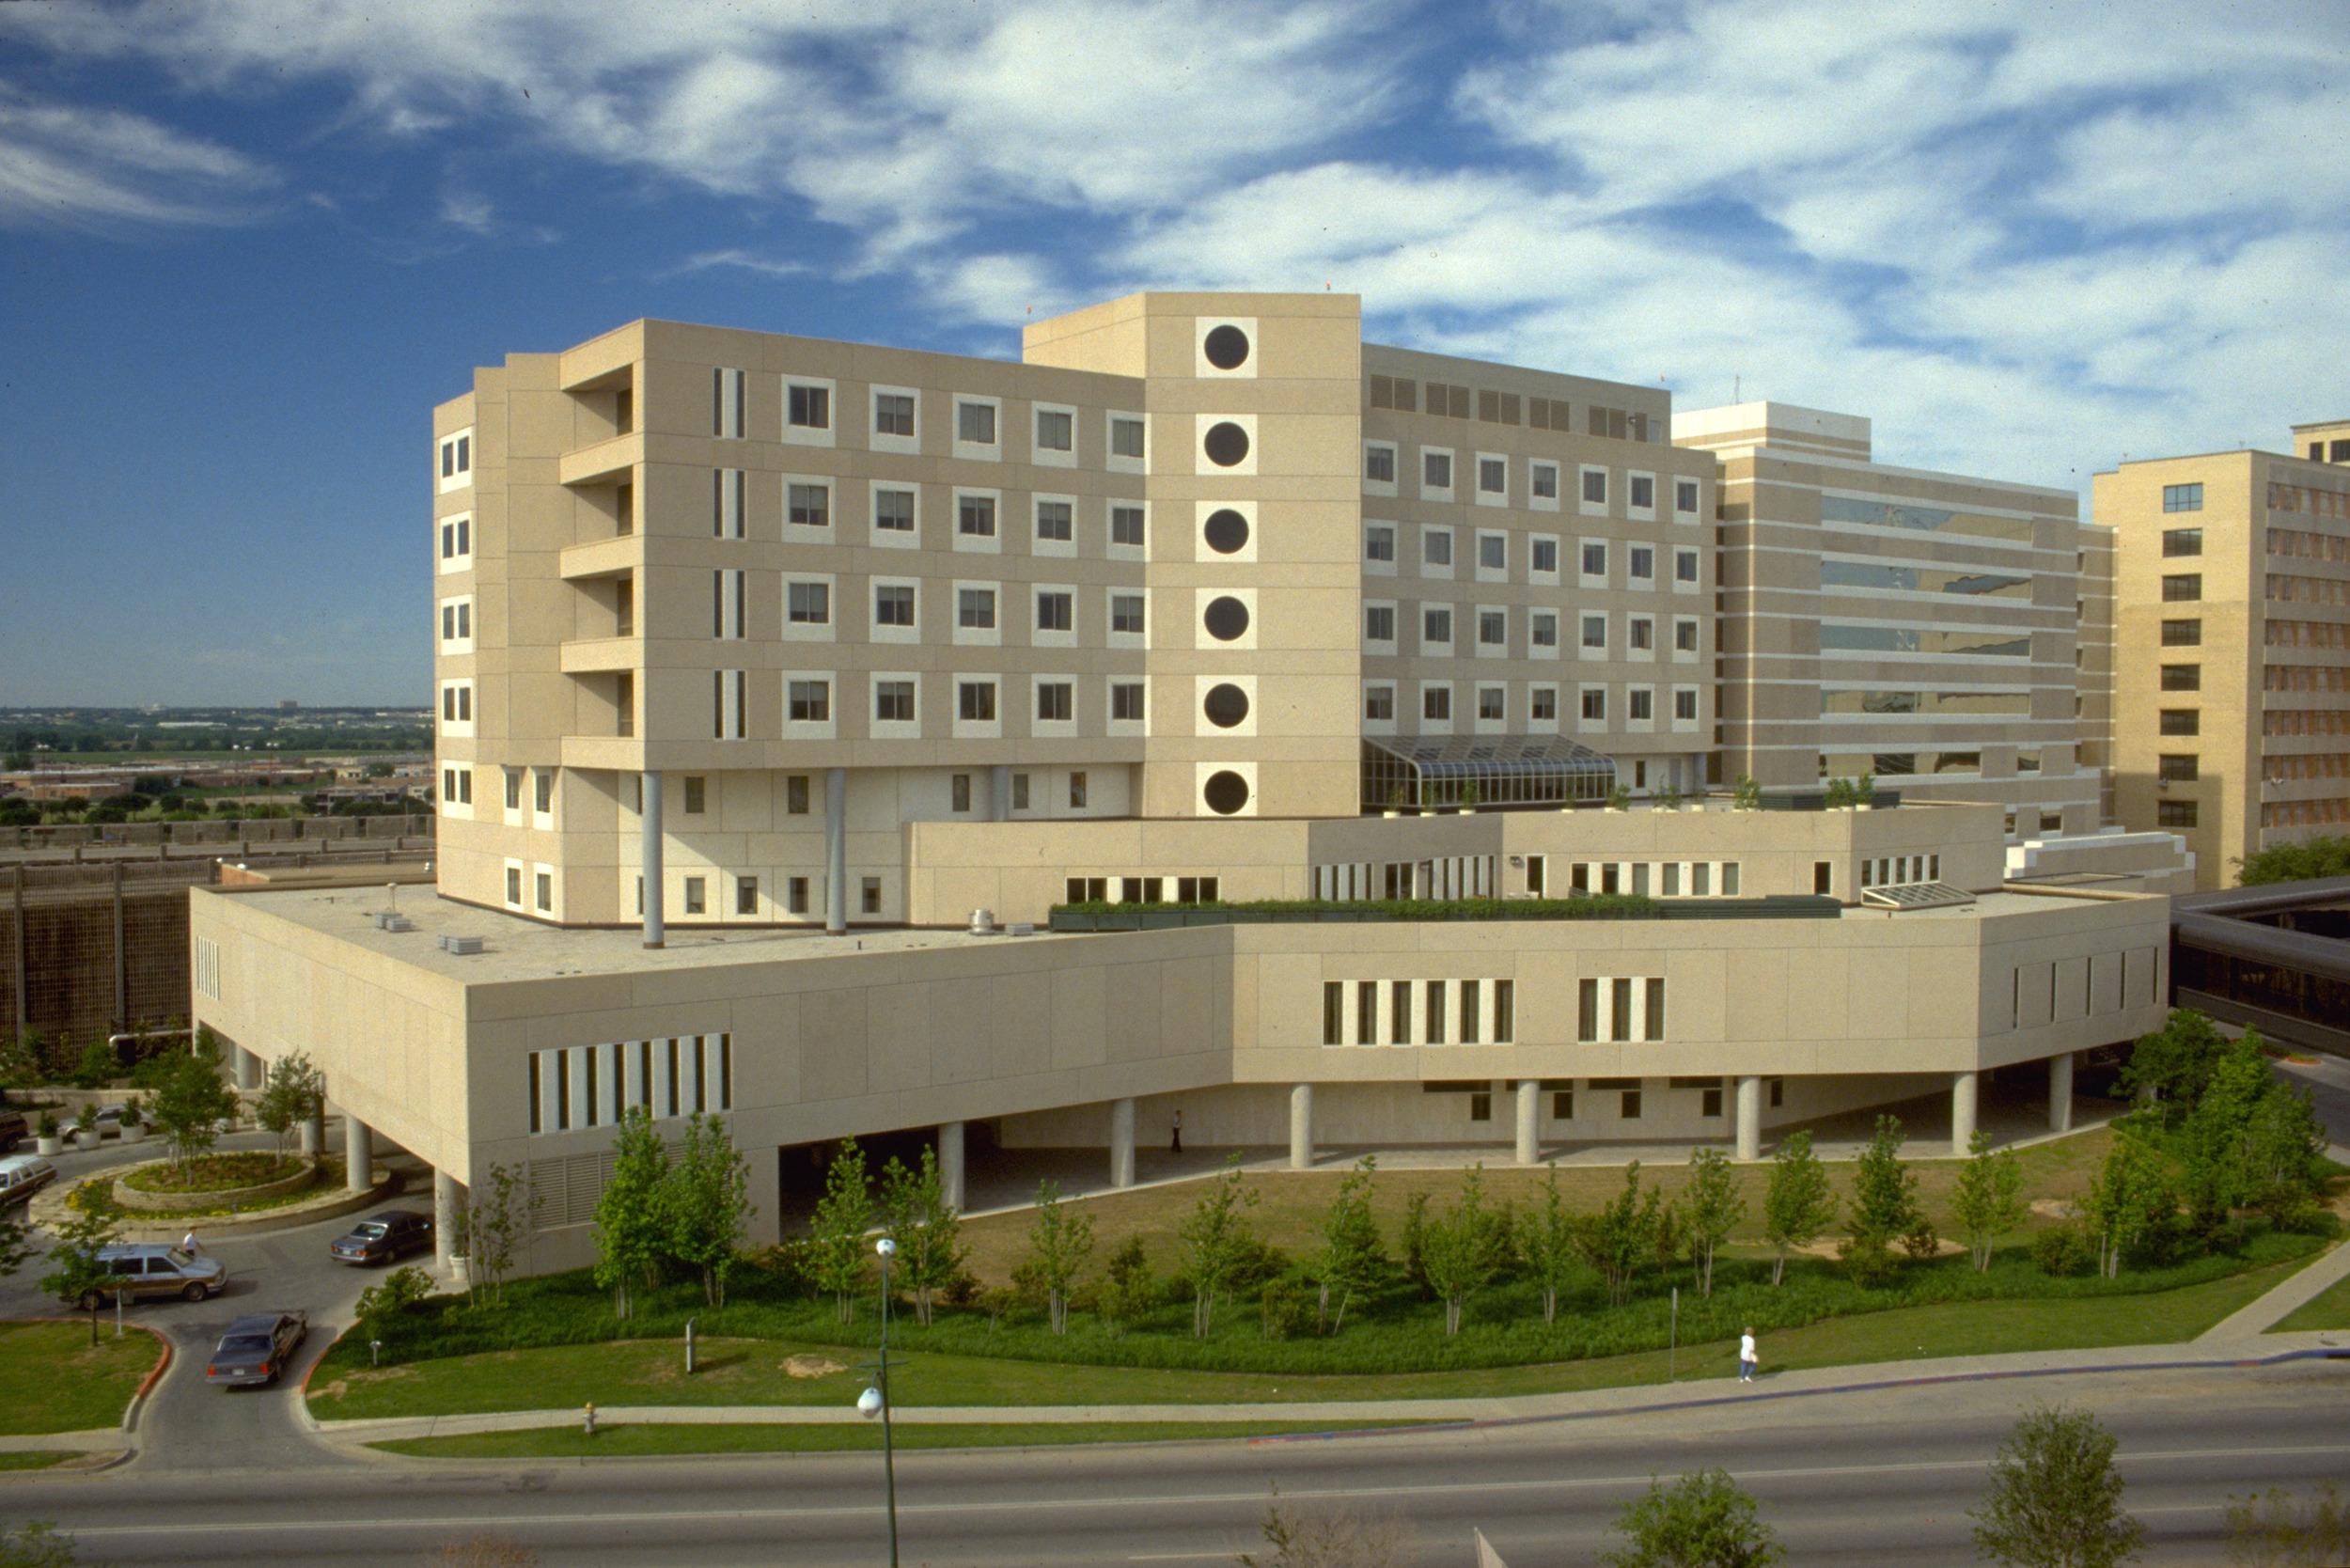 Zale Lipshy Hospital